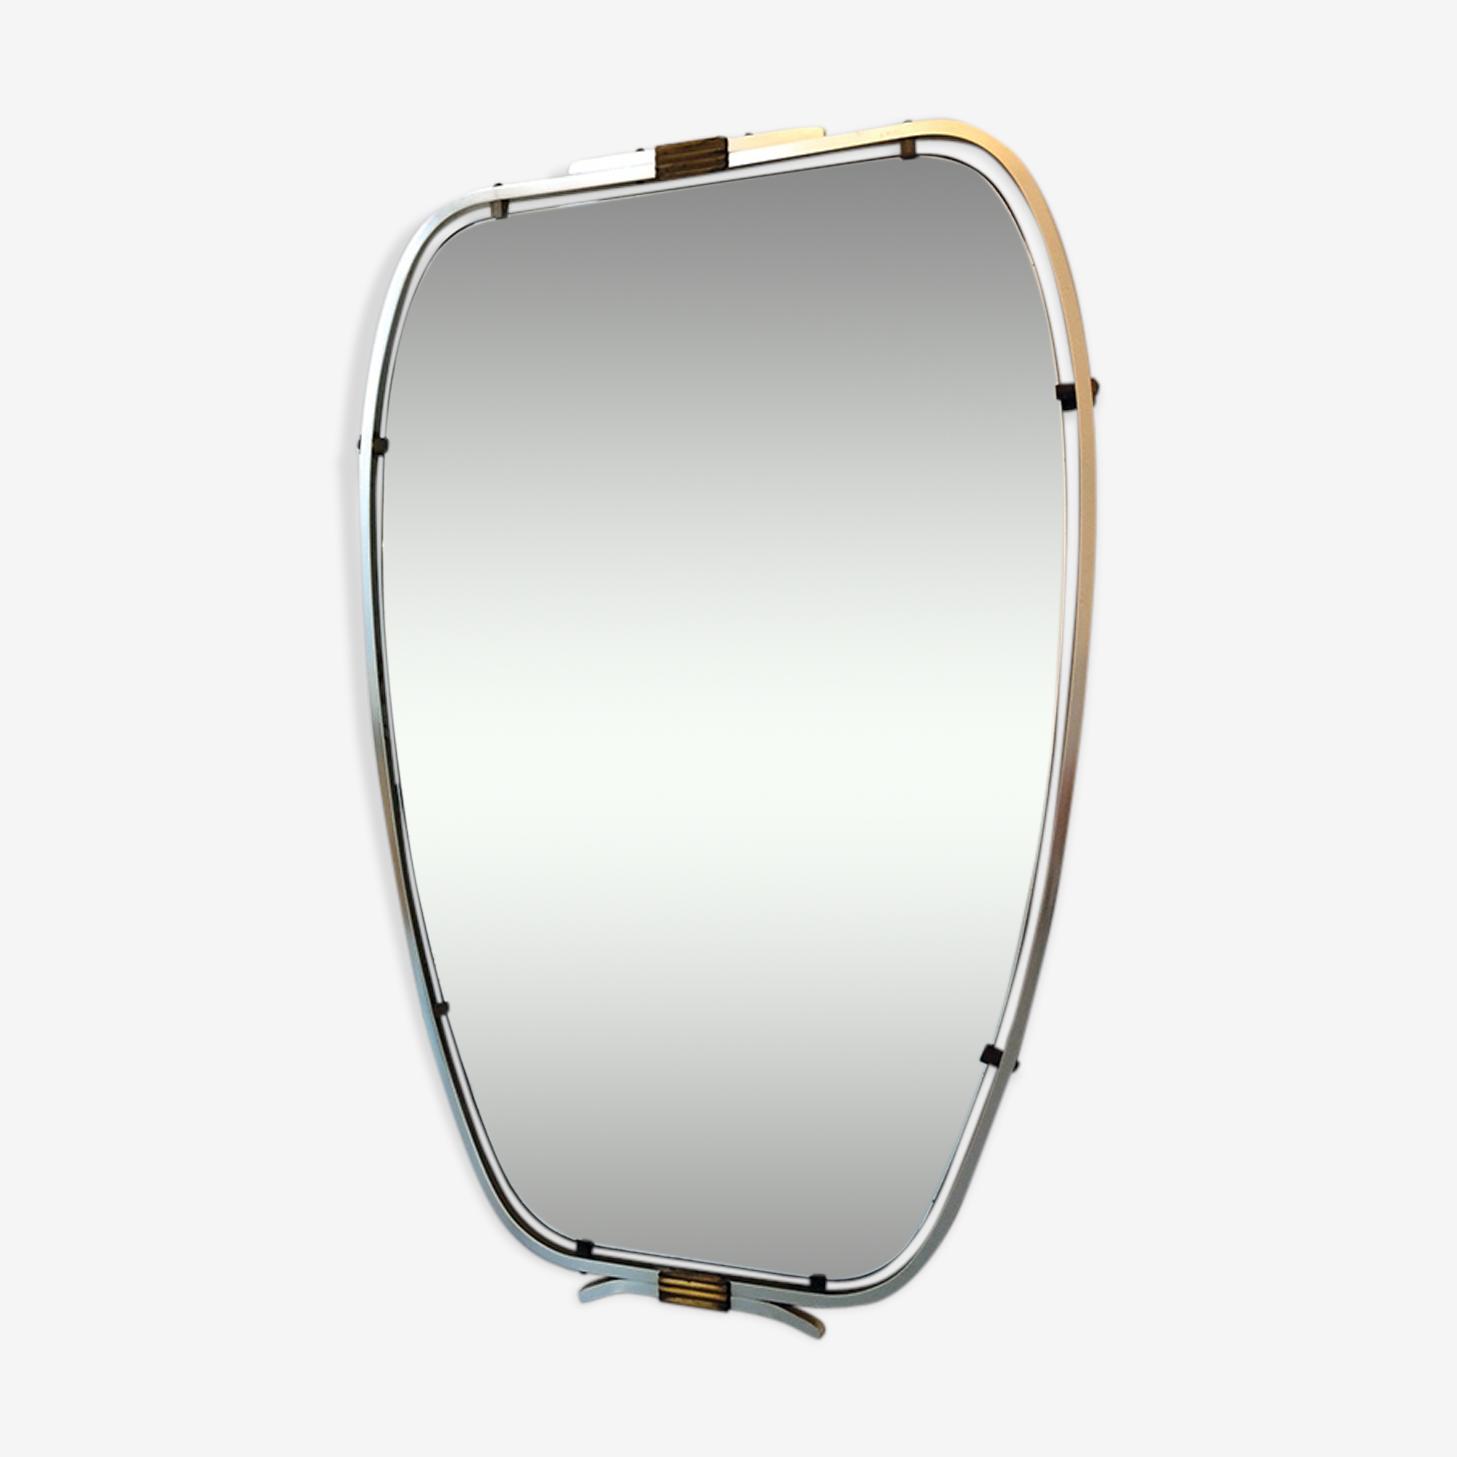 Miroir asymétrique moderniste 1950 65x44cm